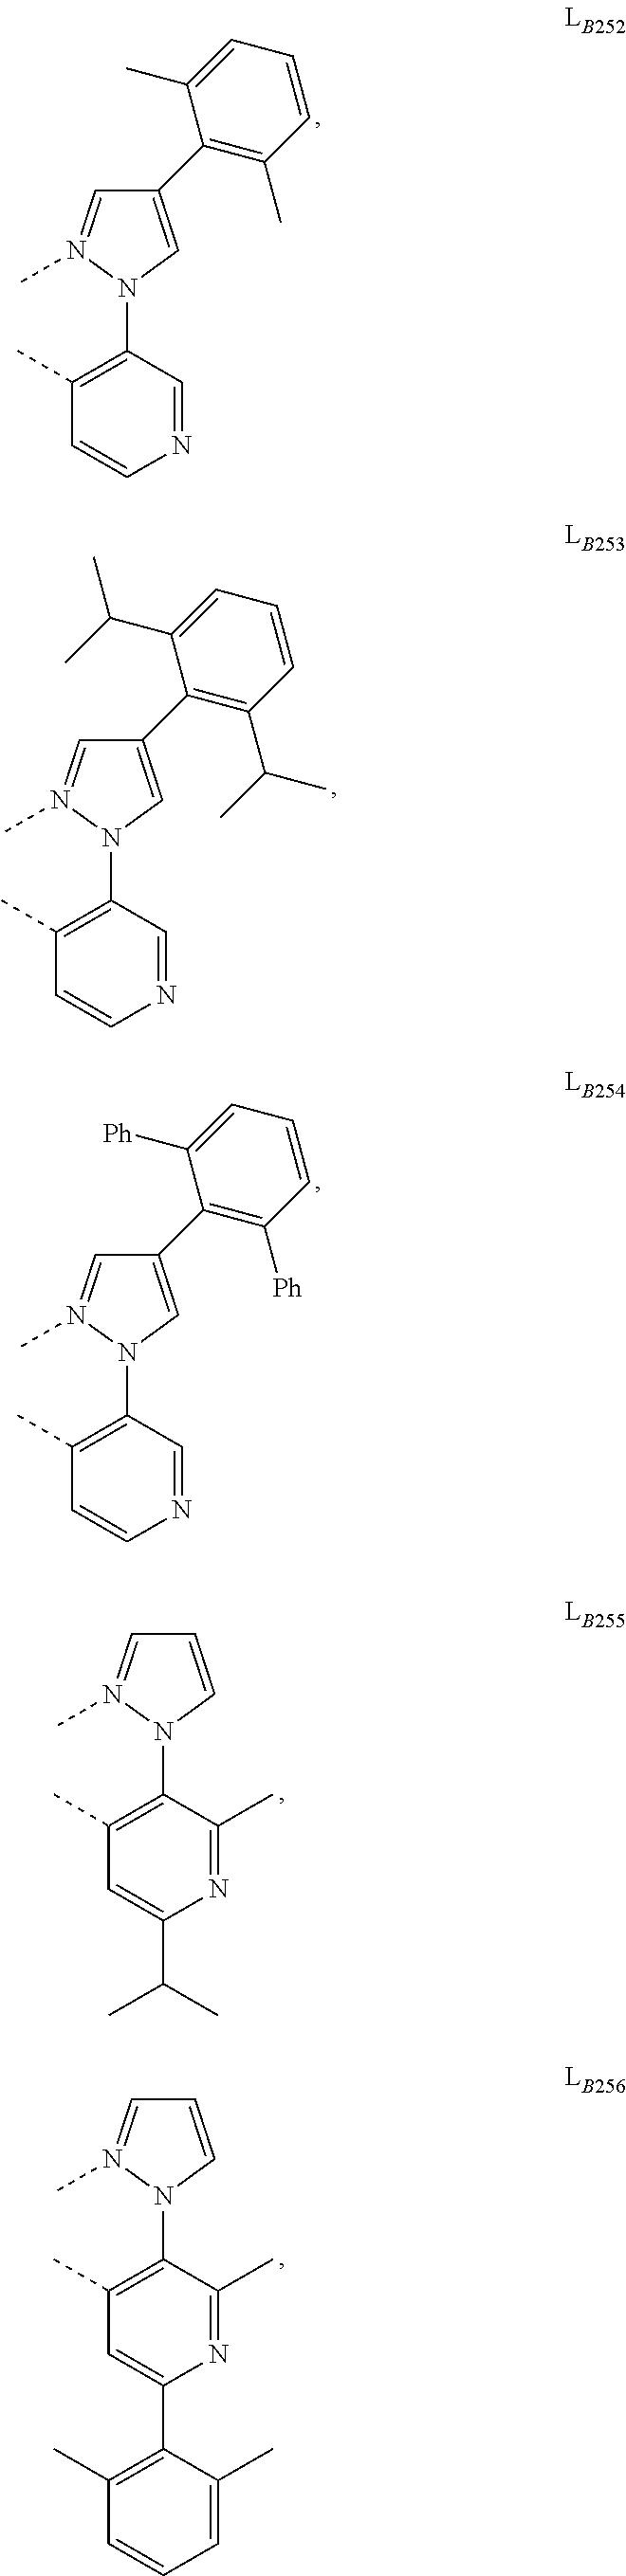 Figure US09905785-20180227-C00553